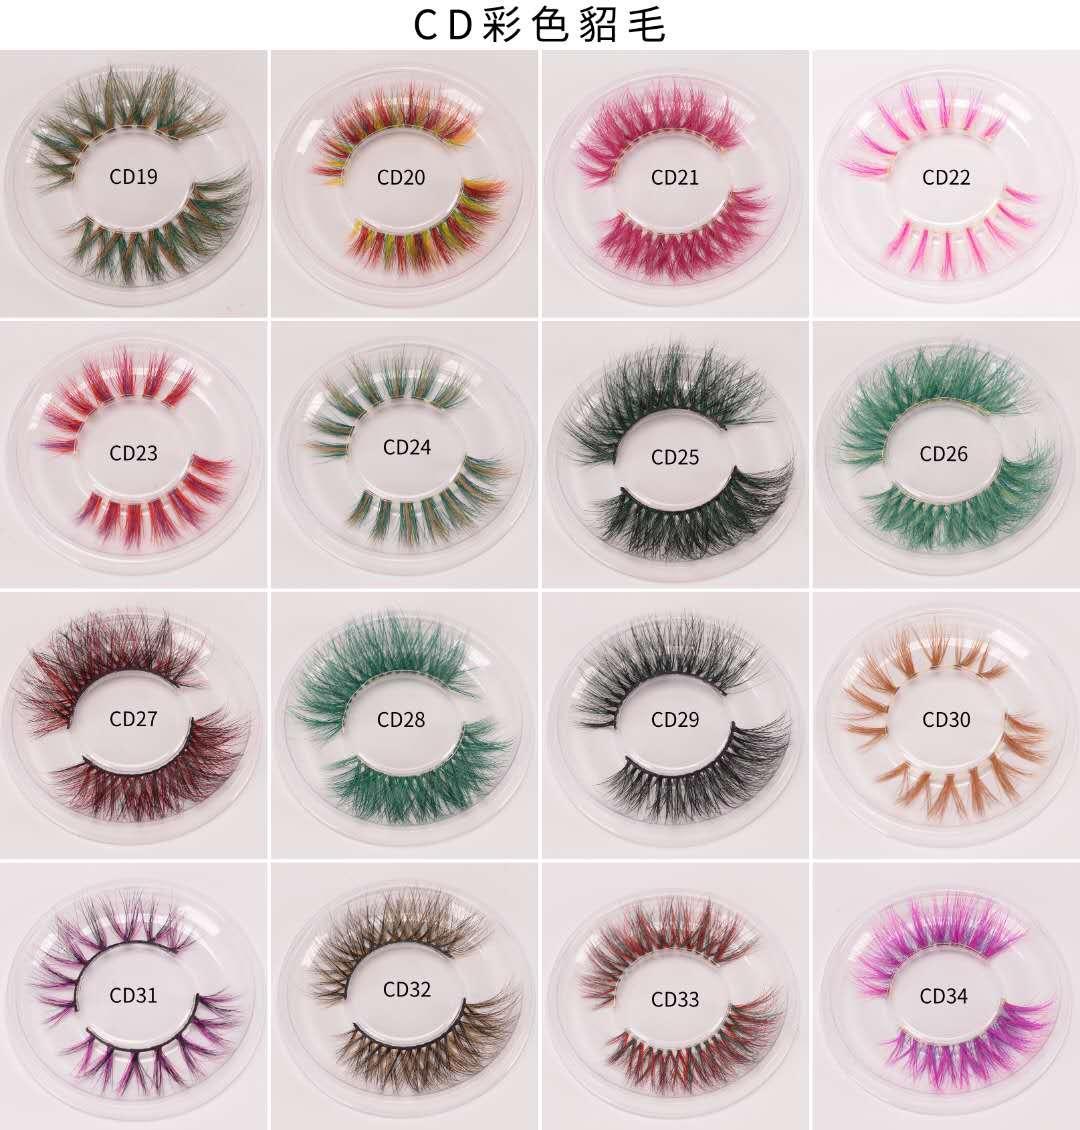 Vente en gros 2pcs = 1Pair couleur mink cils de cils 3D maquillage faux cils faux cils mous naturel faux cils cils rallonges beauté rose rouge rose